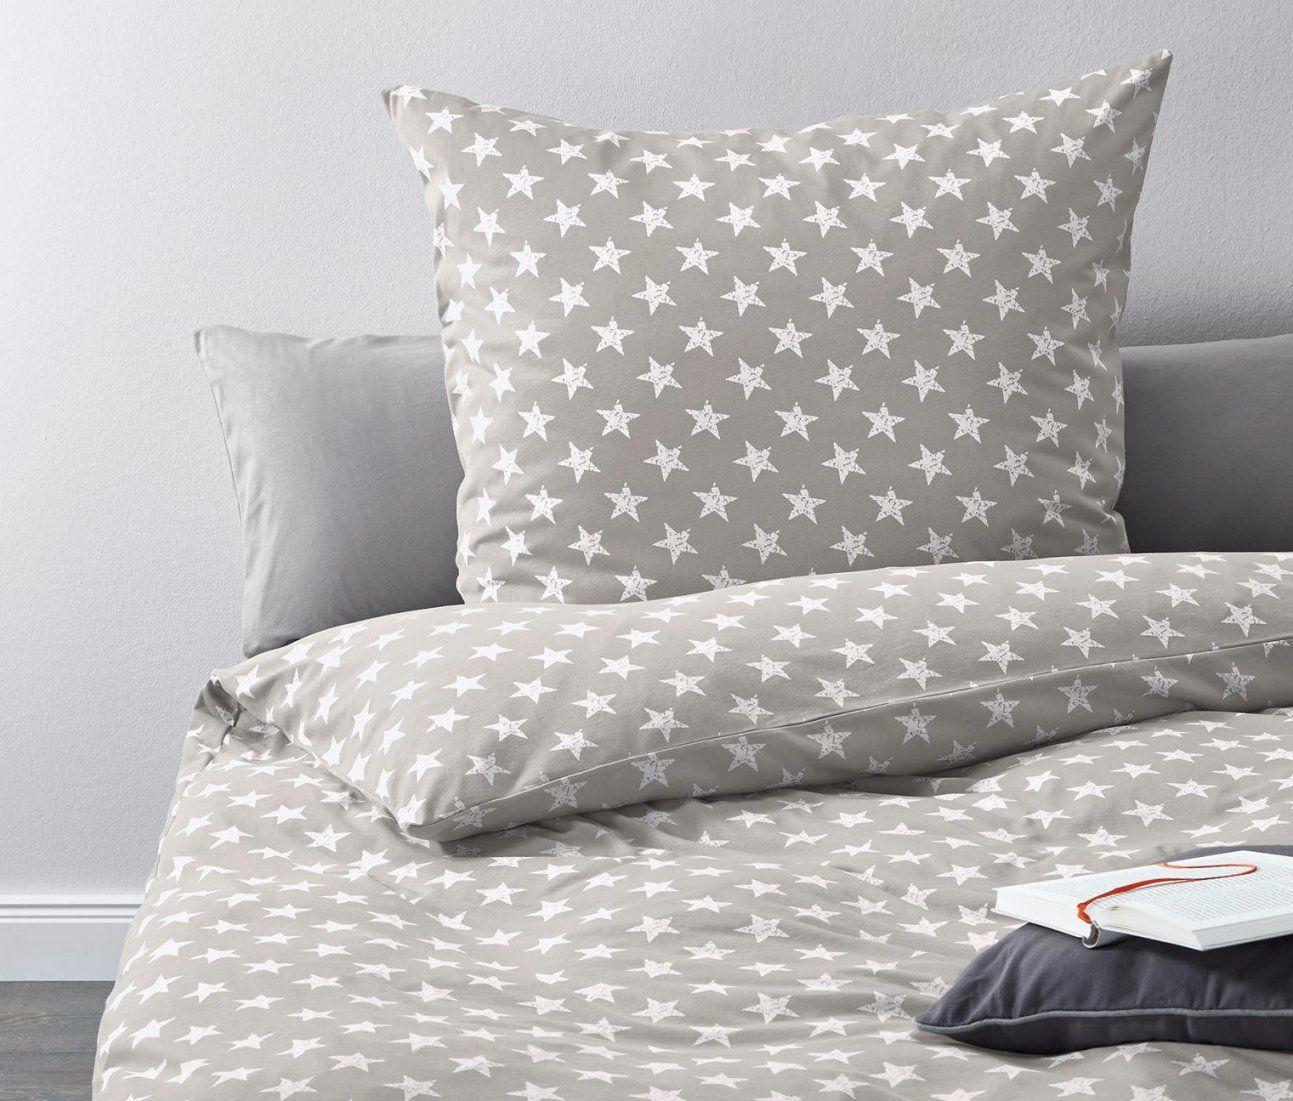 Jerseybettwäsche Grau Mit Sternenprint Online Bestellen Bei von Tchibo Bettwäsche Jersey Photo